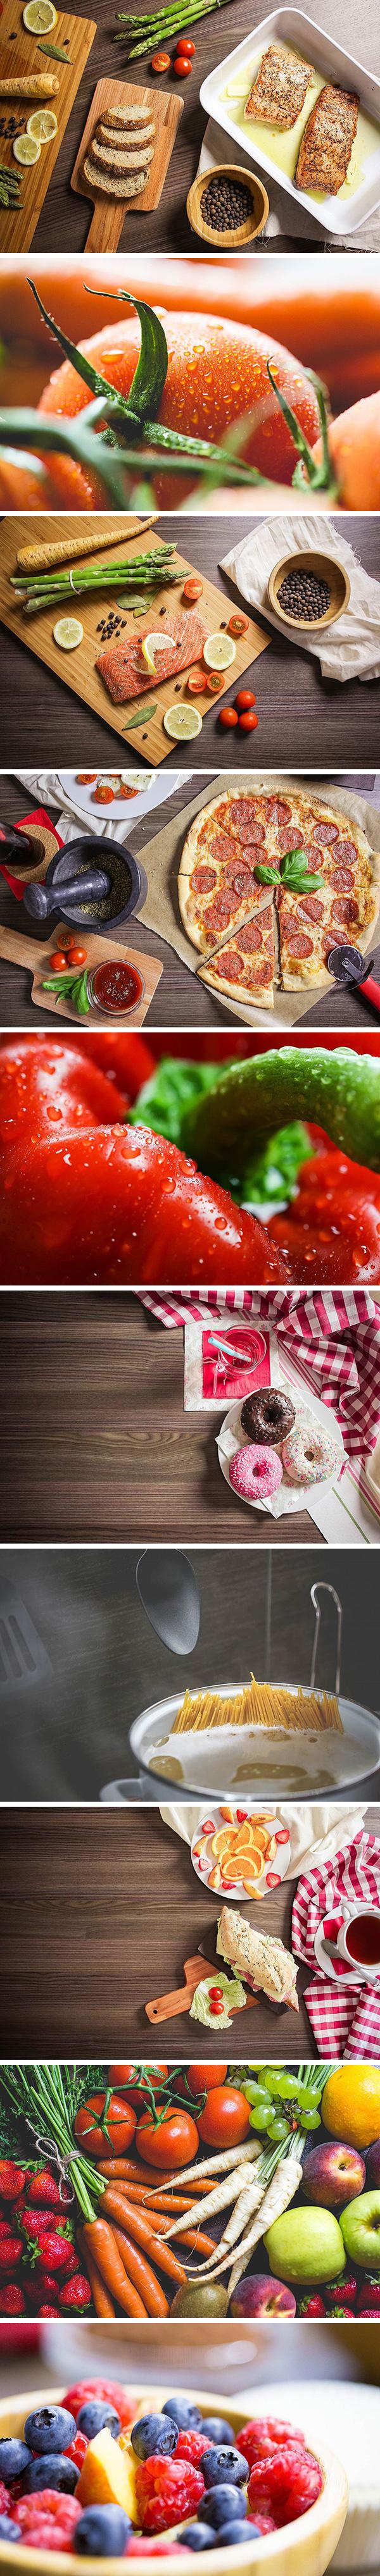 tasty food-photos